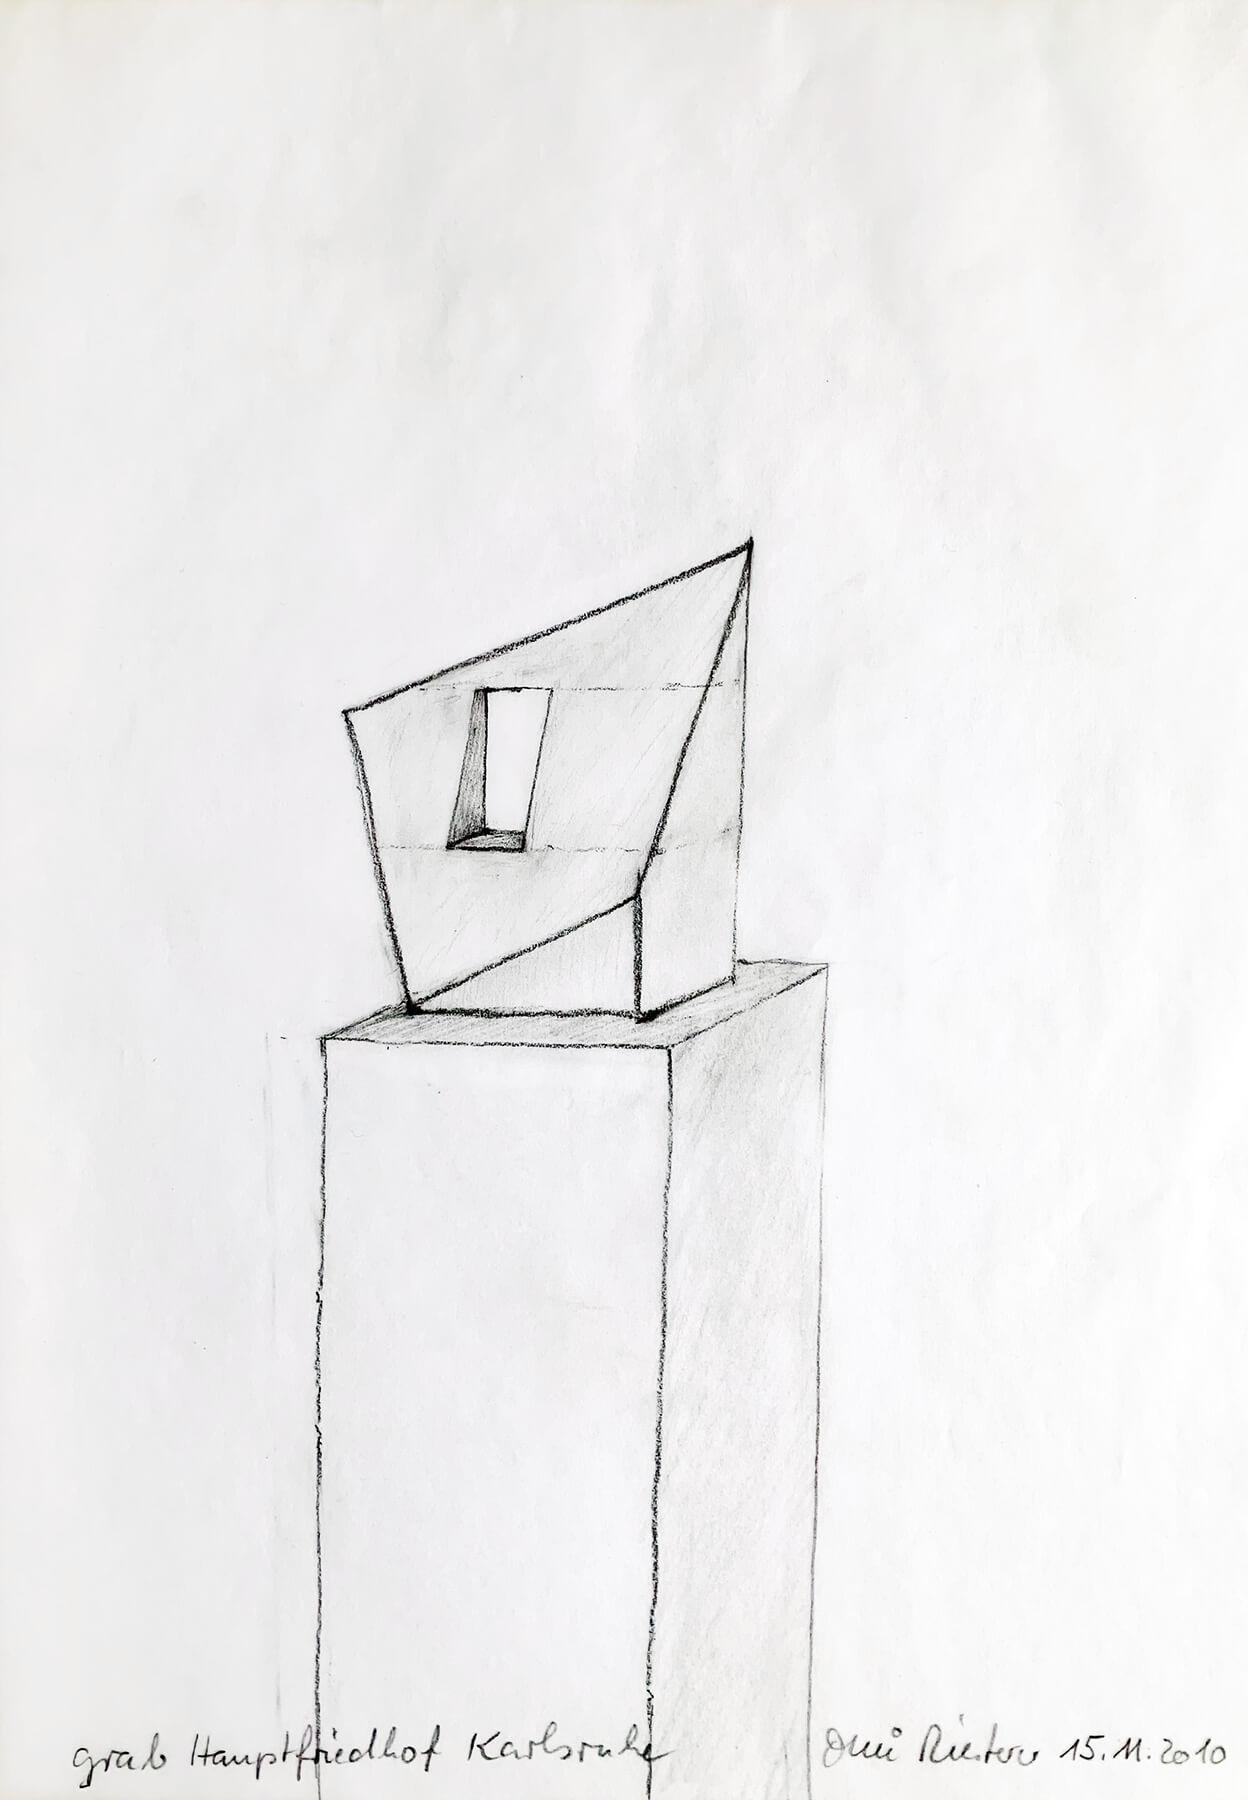 Bildhauer OMI Riesterer Karlsruhe Projekte Fenster zum Licht Kunstprojekt Hauptfriedhof Karlsruhe